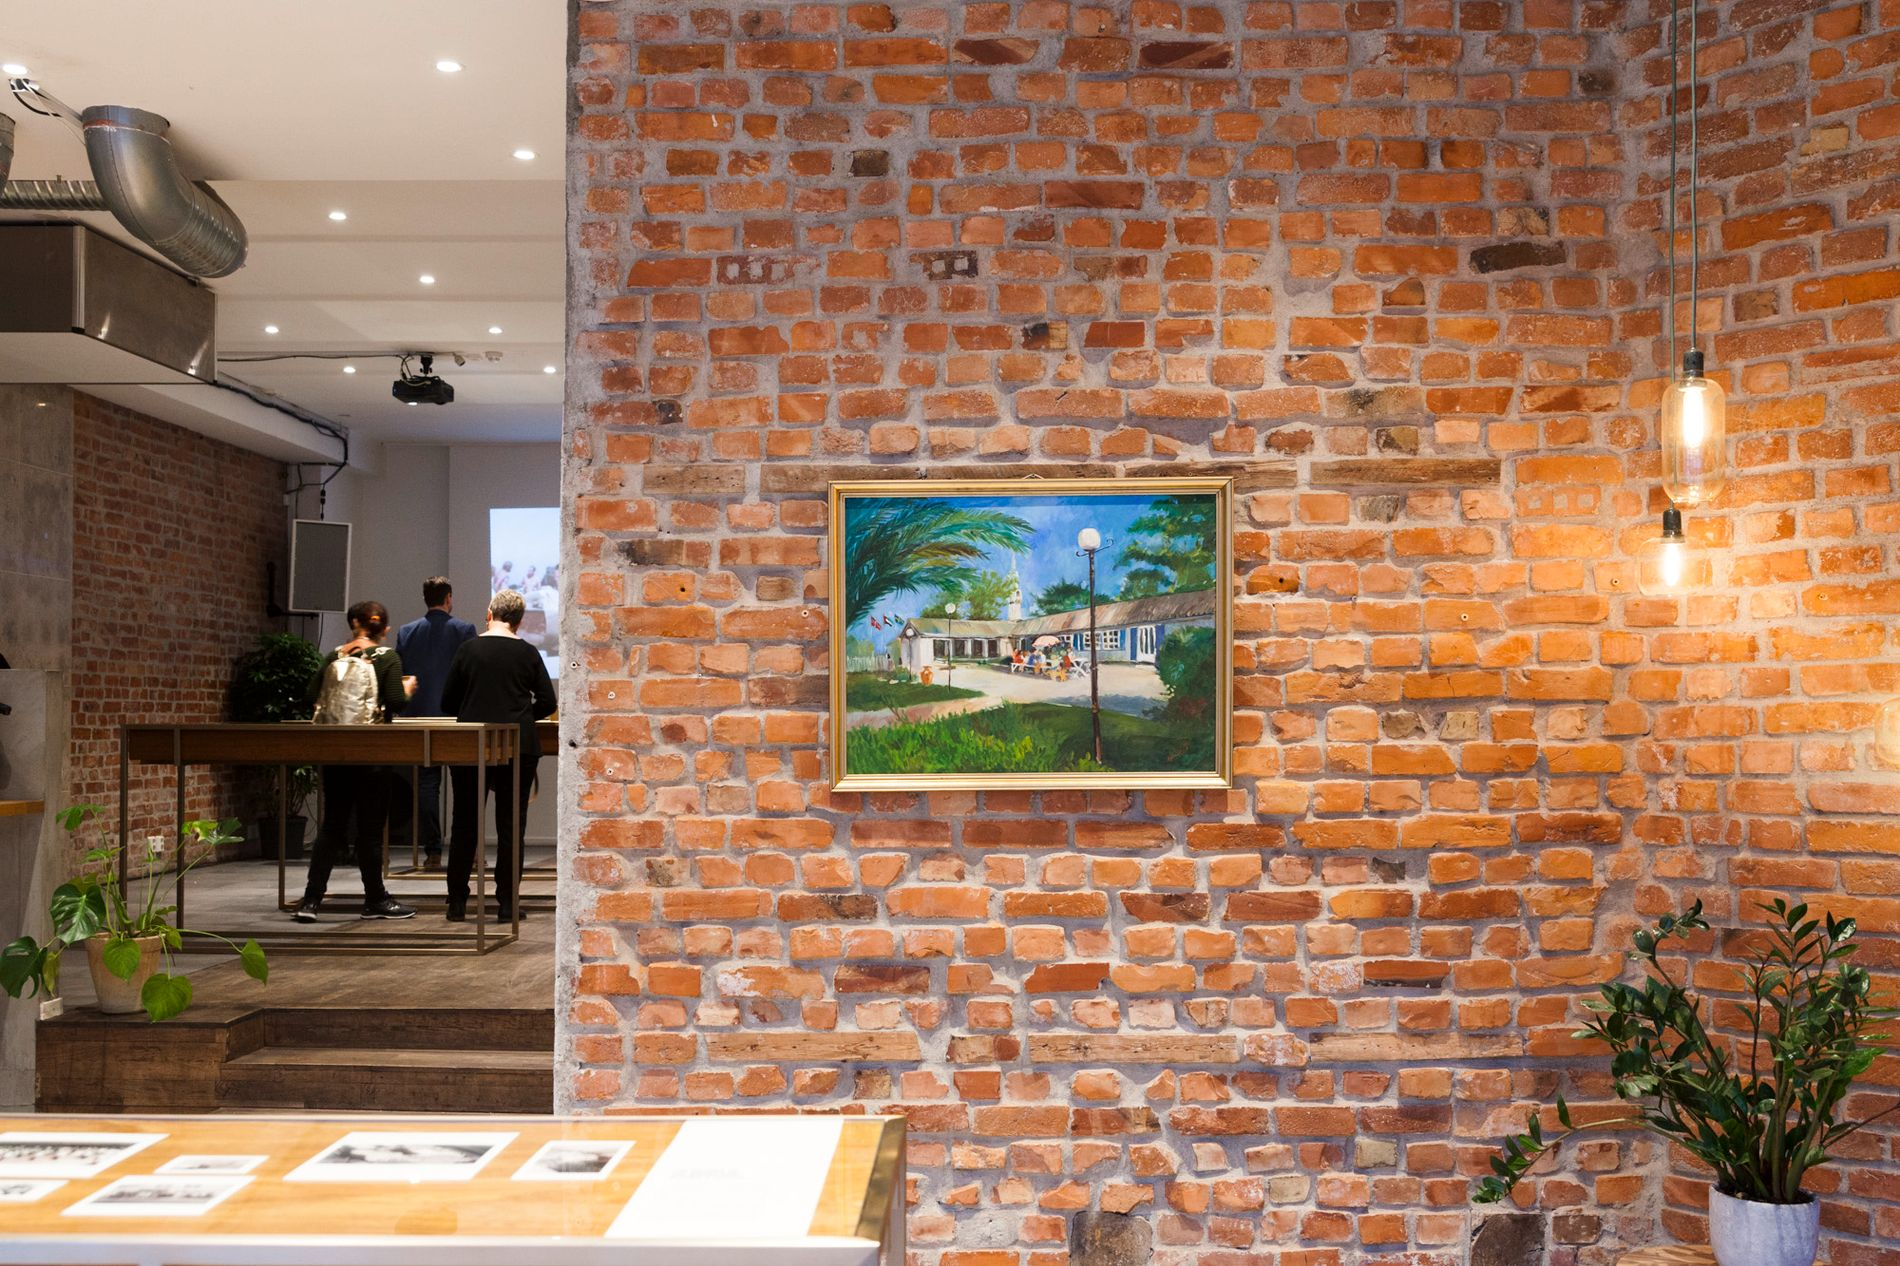 For å markere det gjensidige forholdet og kulturutvekslingen mellom Norge og De forente arabiske emirater, arrangerer ambassaden og Avdelingen for offentlig og kulturell diplomati (OPCD) nå en utstilling på MESH i Oslo.  Bildet på veggen bak ble gitt til Sjømannskirken i Dubai av en lokal emiratisk kunstner i 1993.